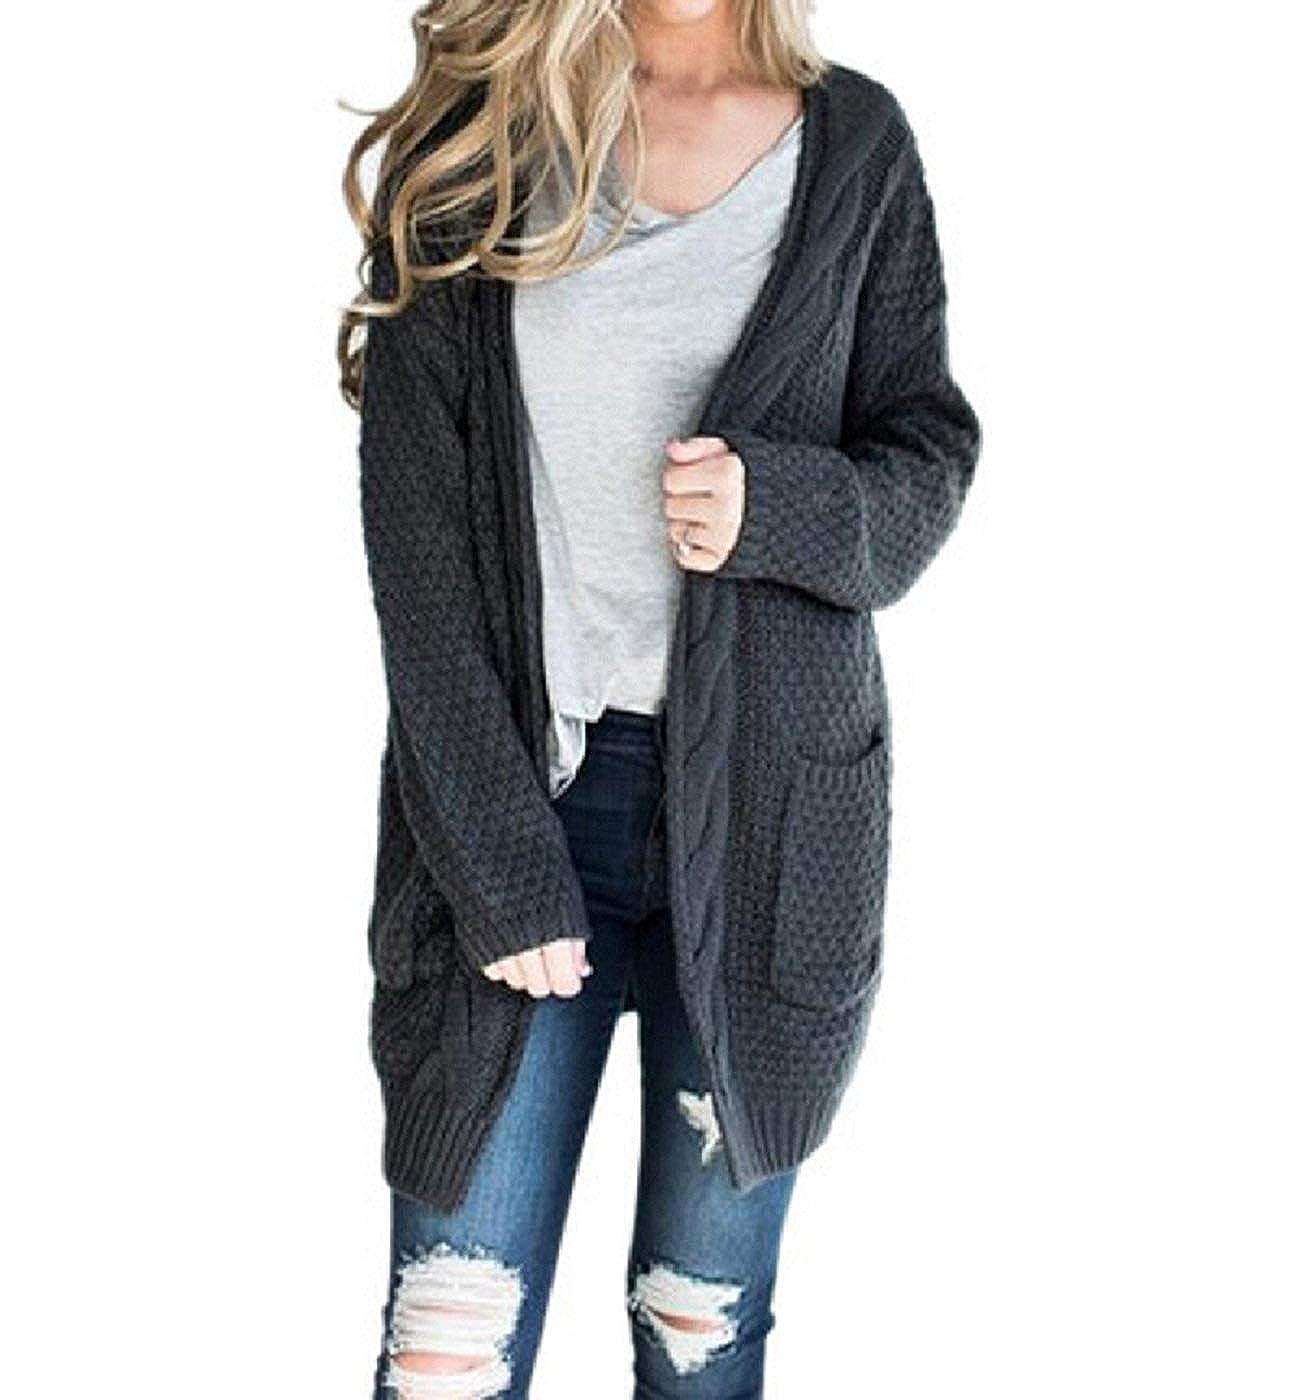 CNFIO Pullover Damen Strickjacke L/ässig Casual Cardigan Langarm Outwear mit Taschen Mantel Jacke Winter